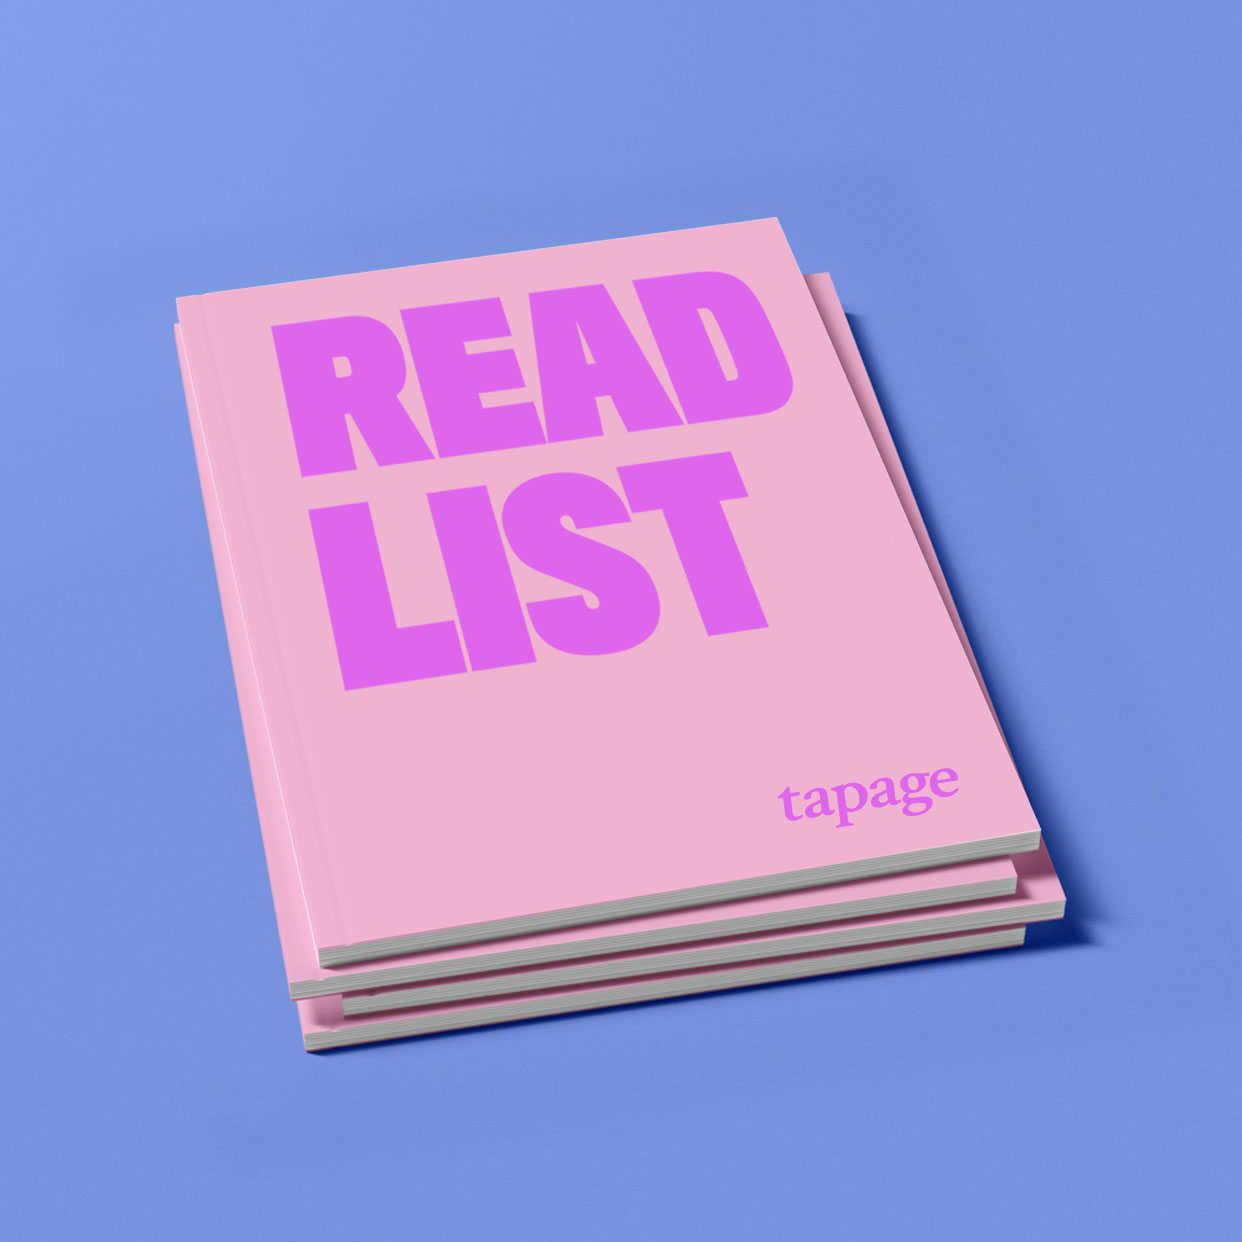 La read list de novembre : nos 4 livres préf' pour tenir jusqu'à la fin du mois